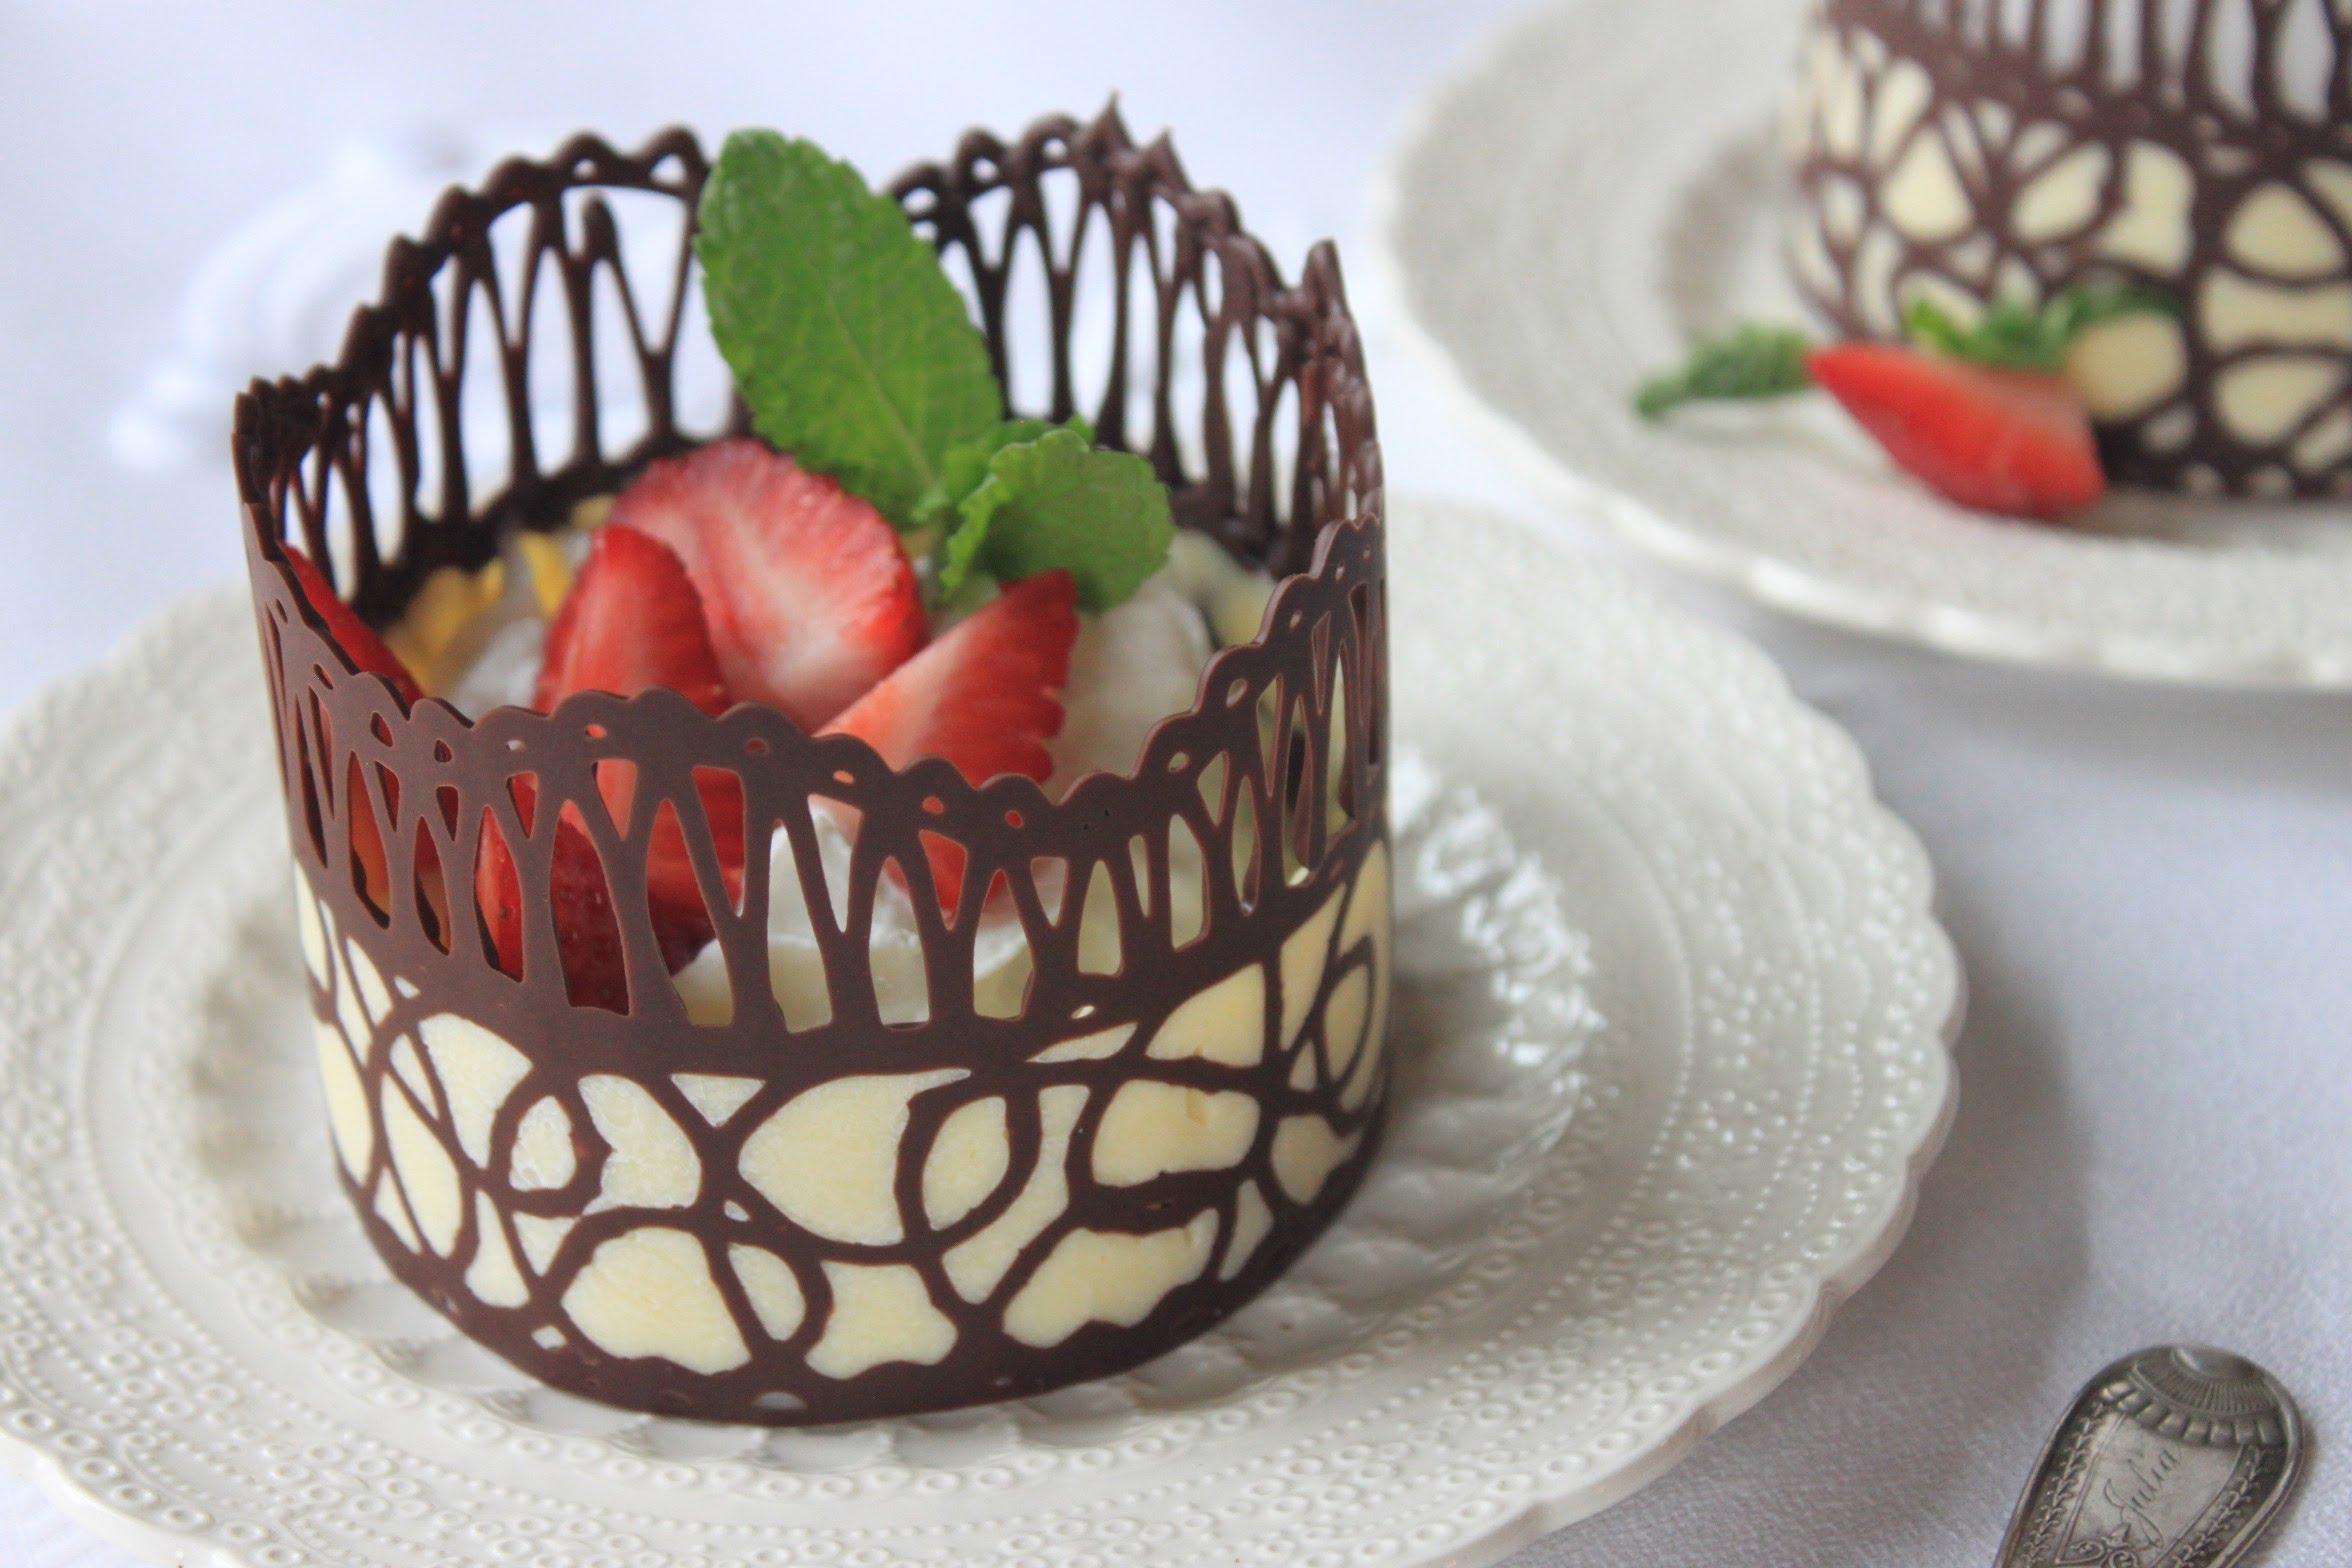 Çikolata dantel ile süslenmiş tatlı